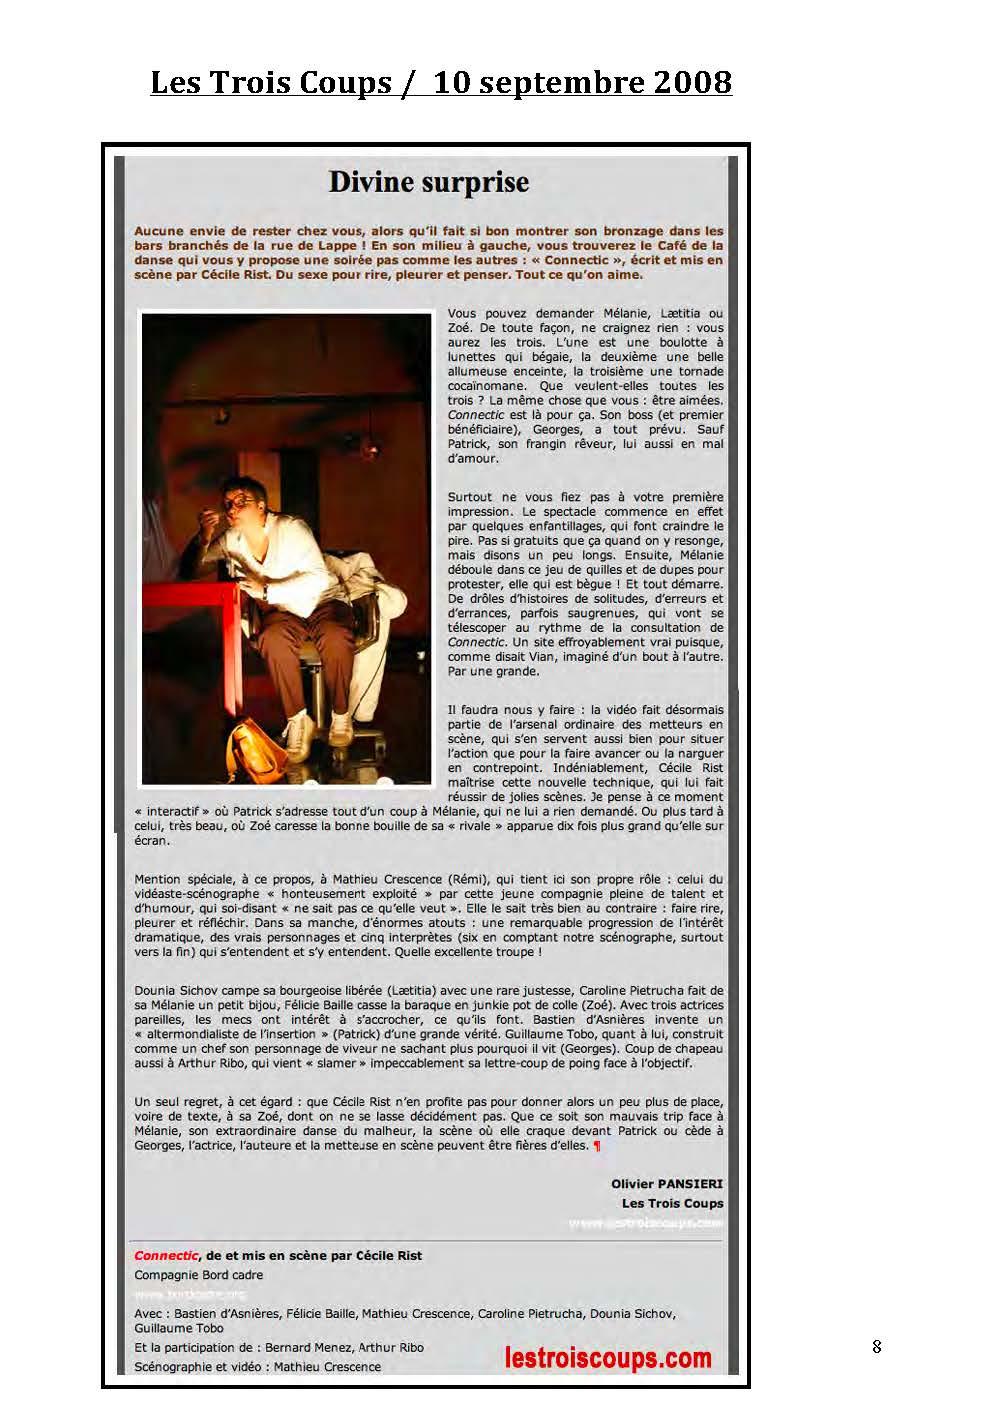 LA NUIT JUSTE AVANT LES FORÊTS - Revue de presse de BordCadre & Cécile Rist_Page_04